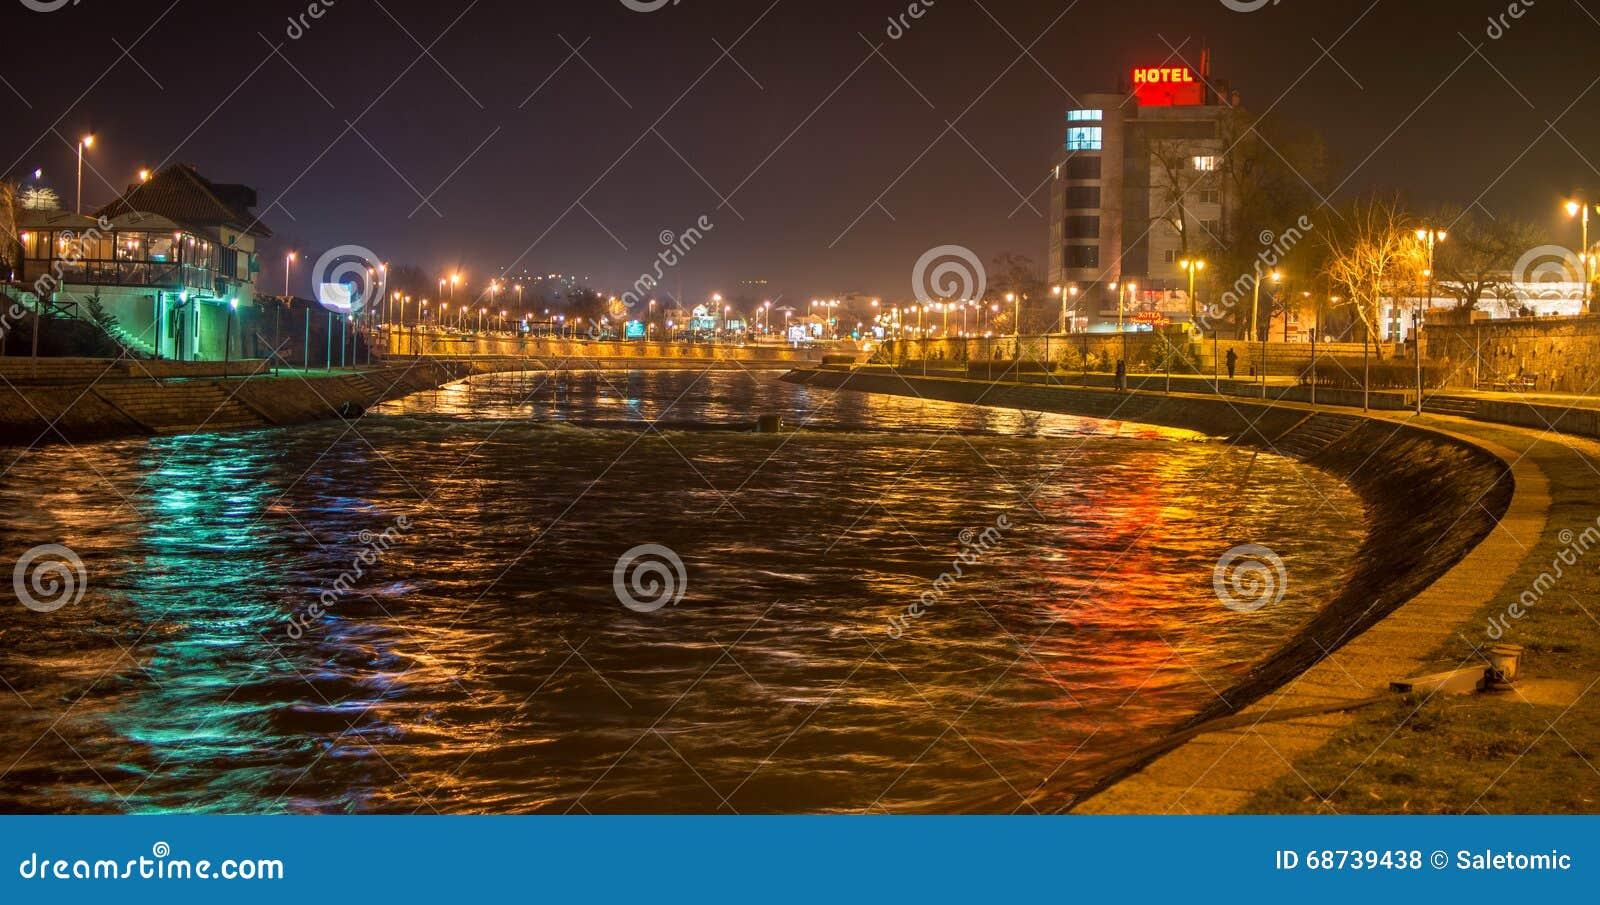 City of Nis riverbank, Nis, Serbia